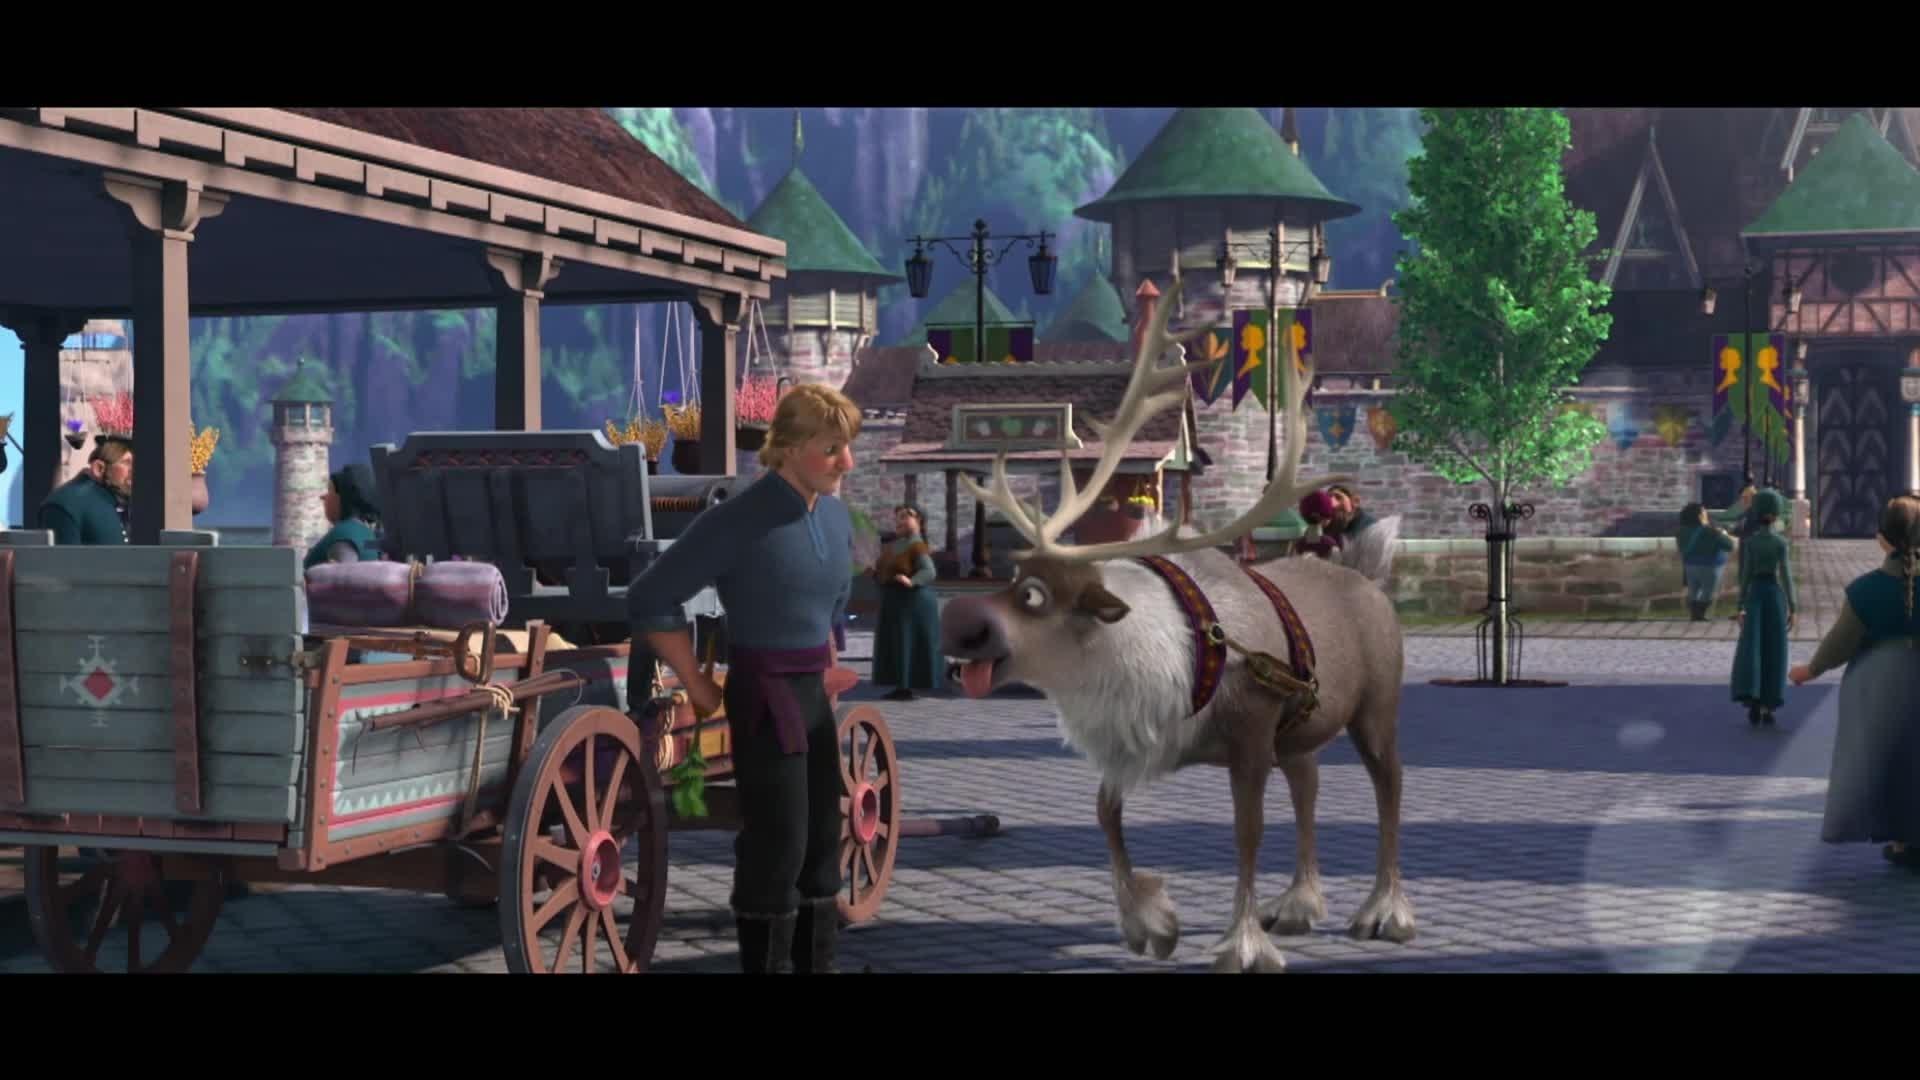 Los consejos veraniegos de Olaf - LA COMIDA